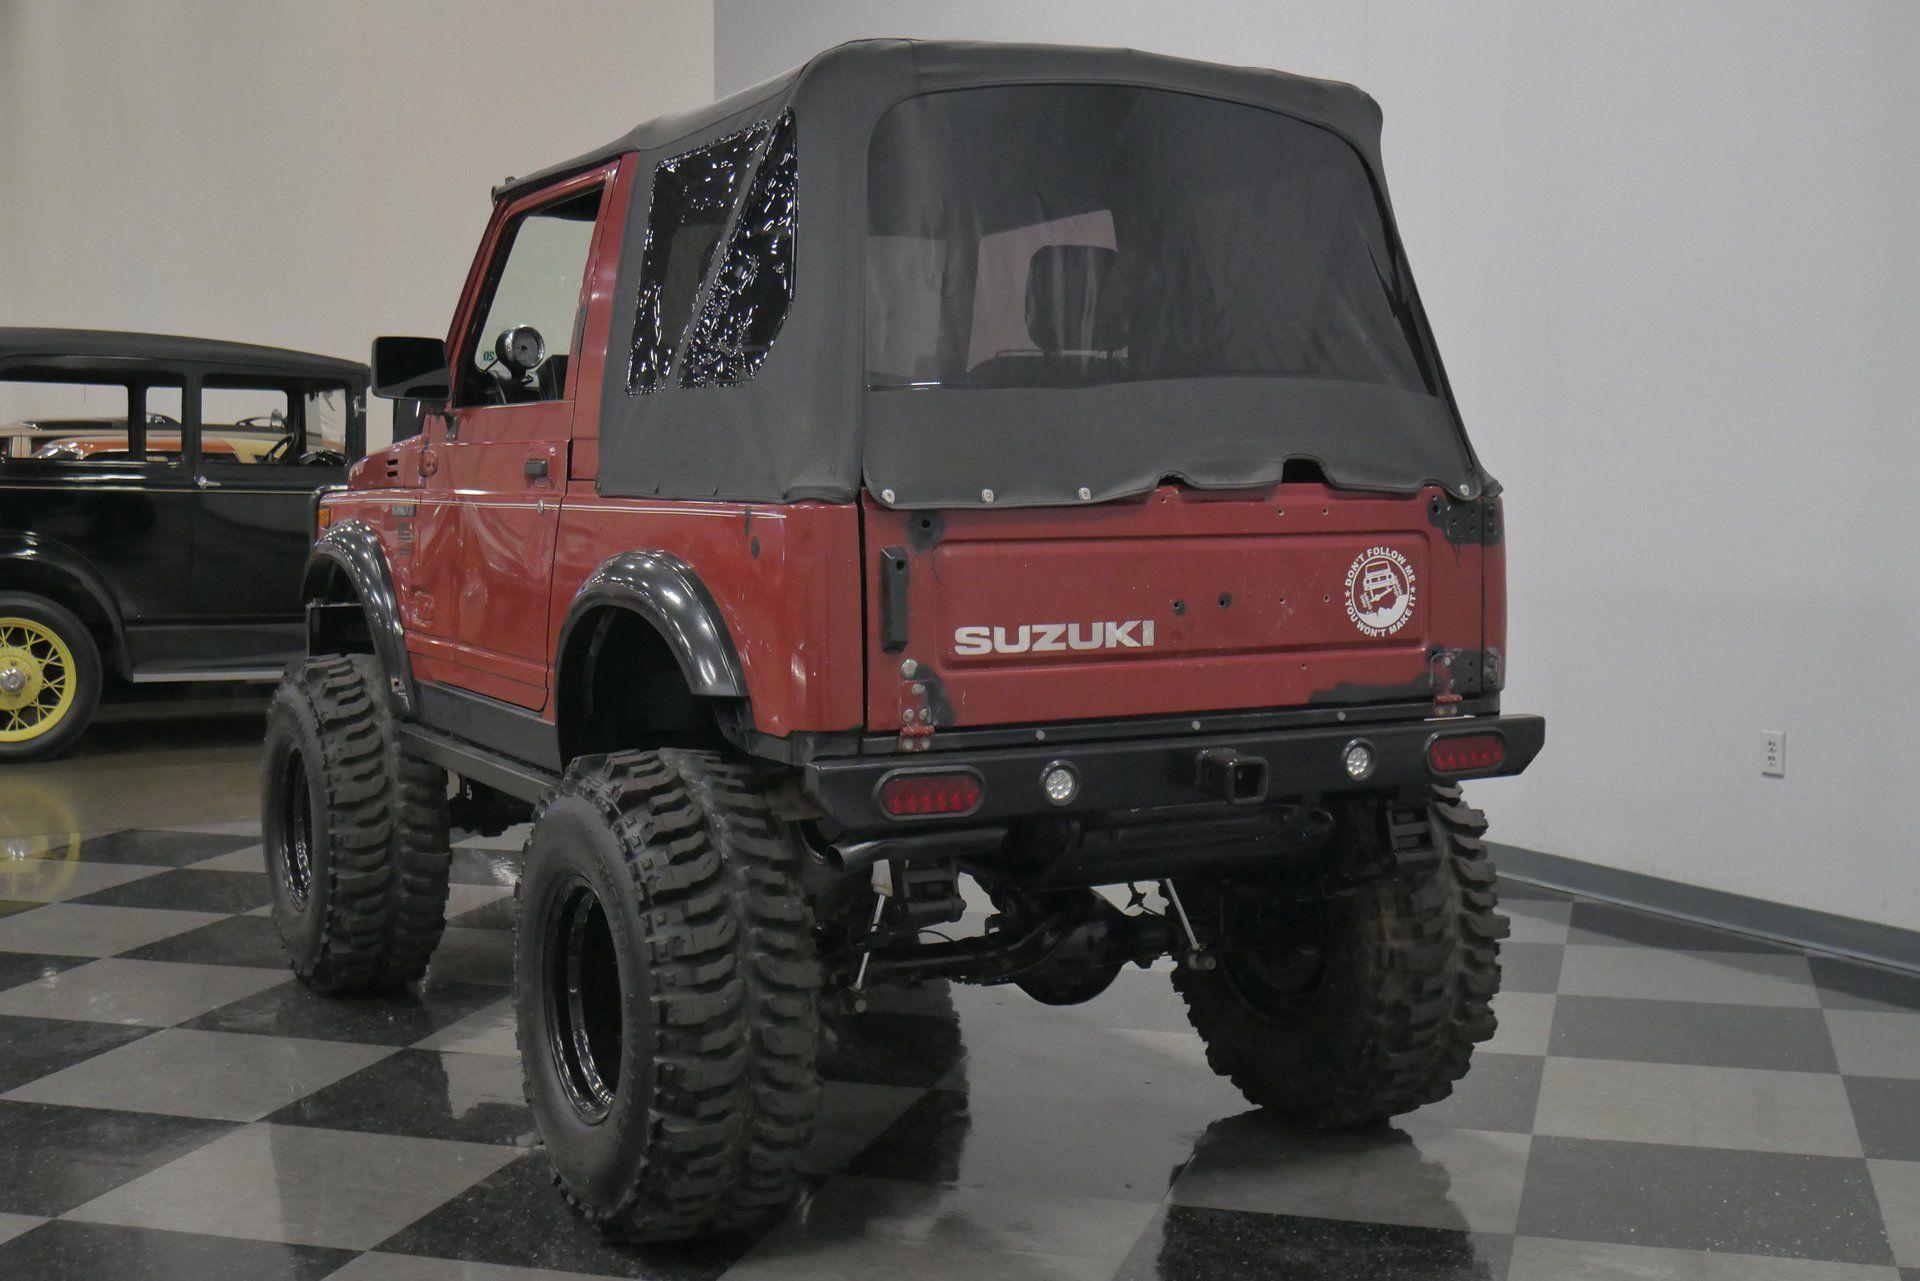 Conquer Trails With This 1988 Suzuki Samurai